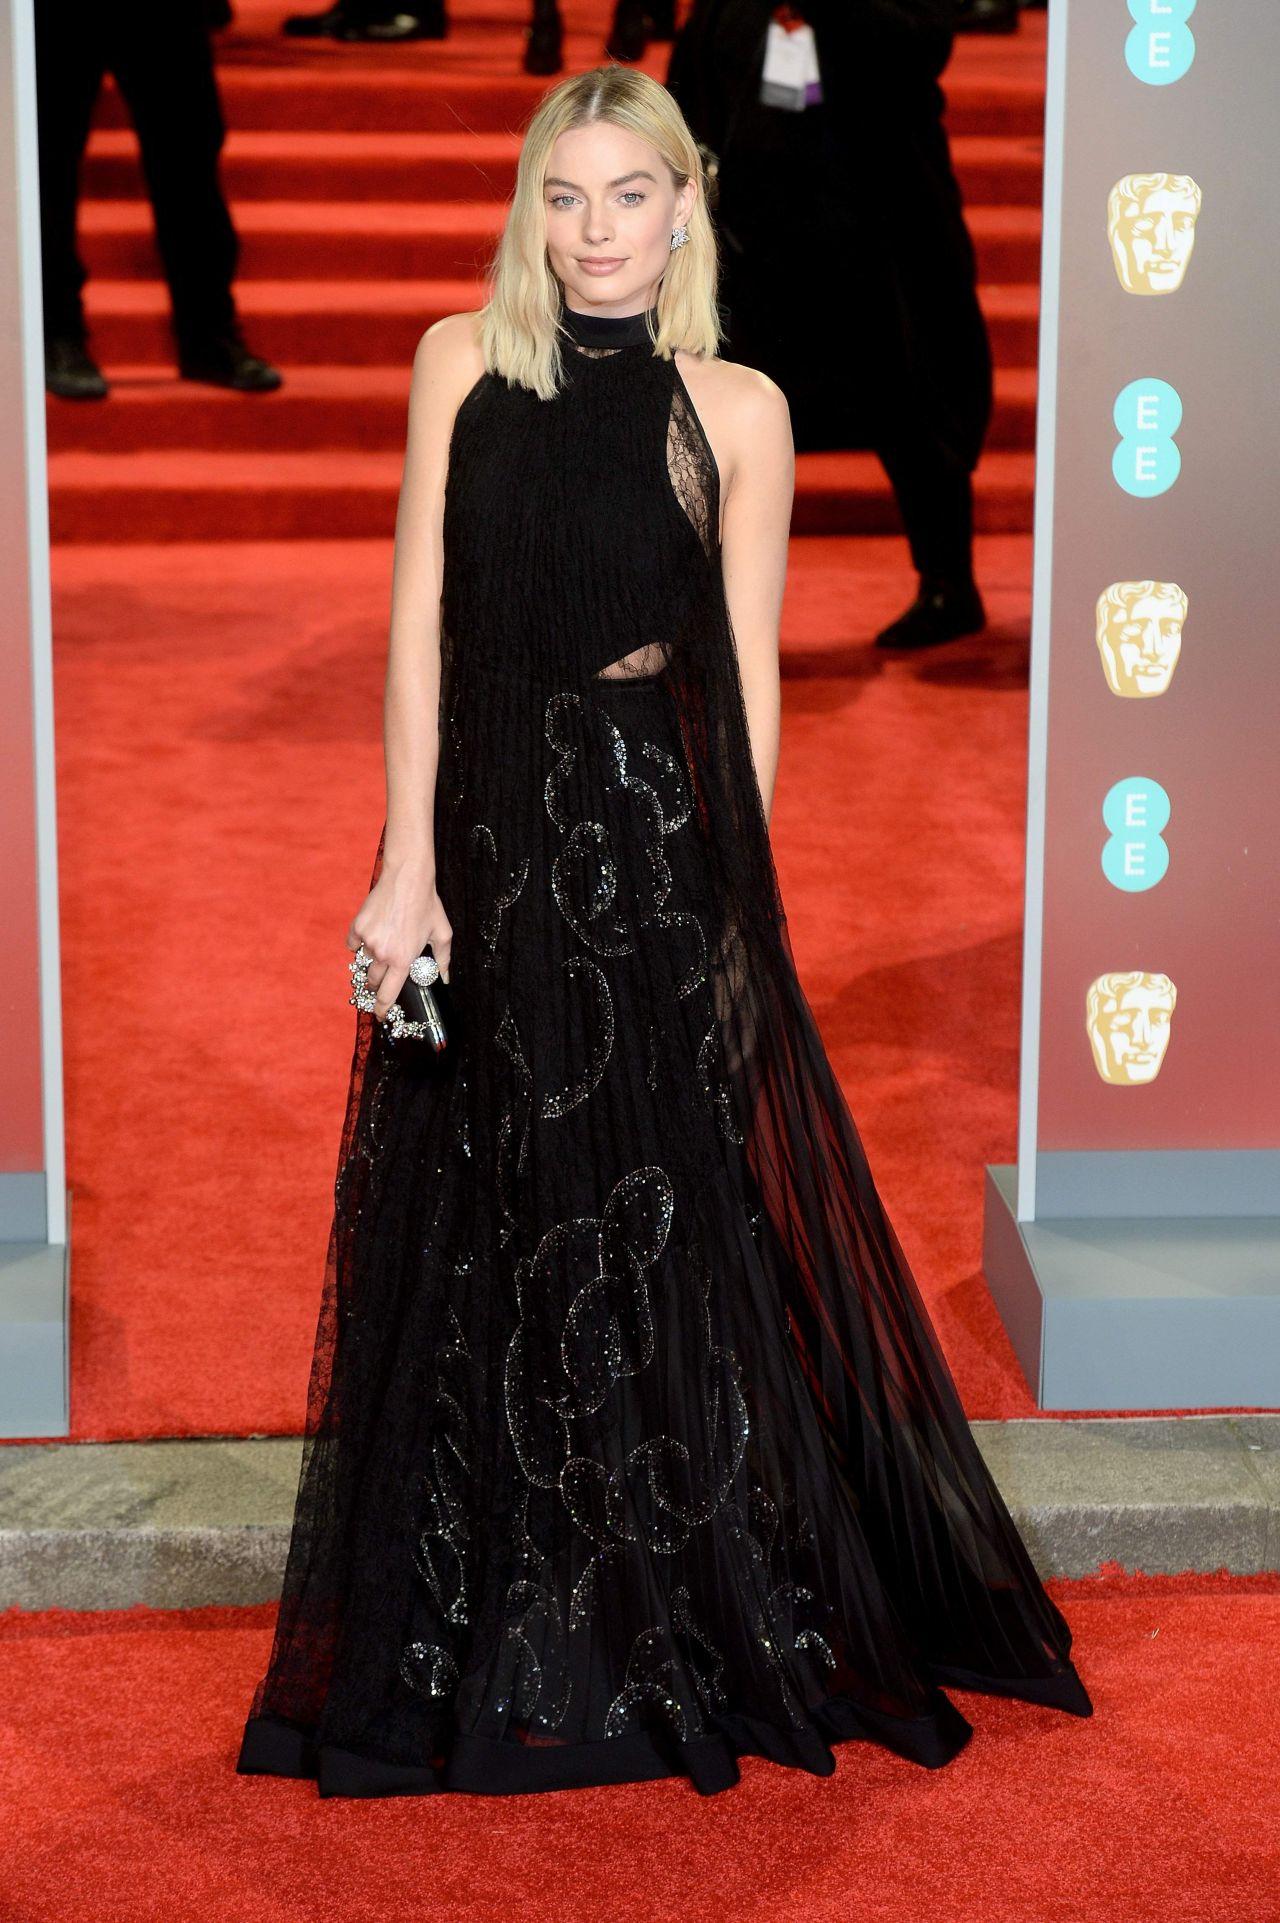 http://celebmafia.com/wp-content/uploads/2018/02/margot-robbie-2018-british-academy-film-awards-9.jpg